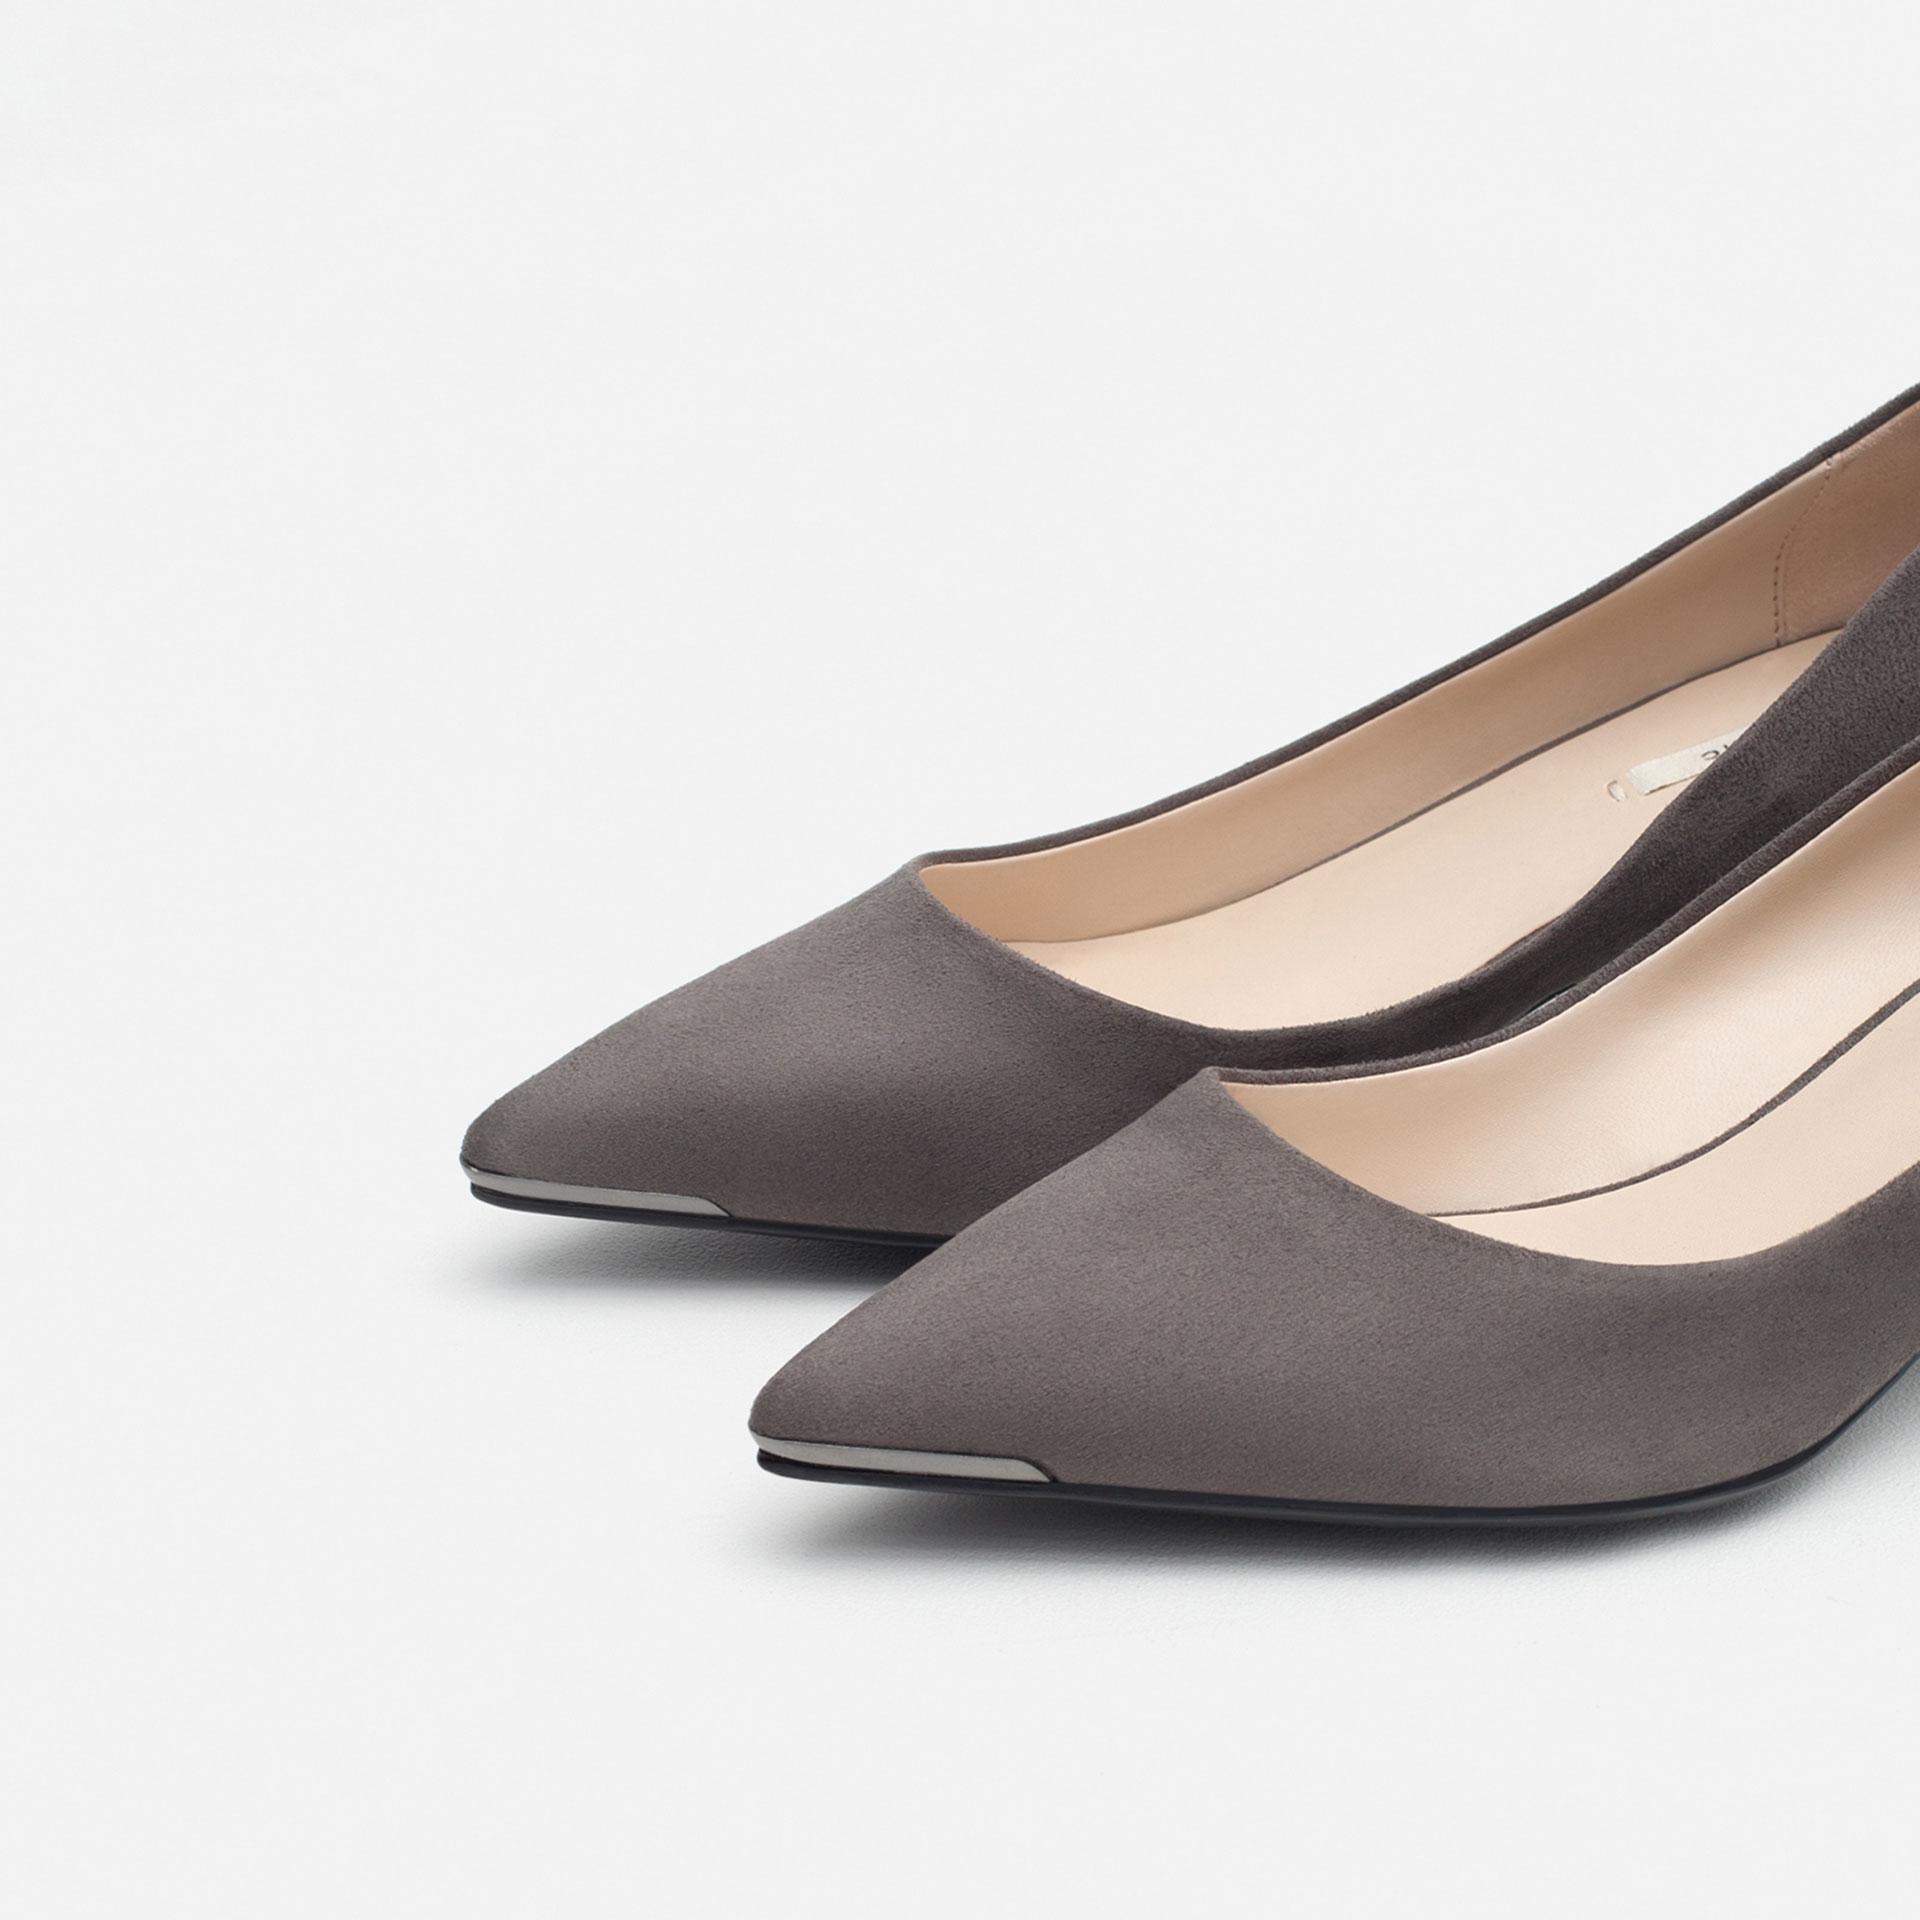 Grey Kitten Heel Shoes - Is Heel